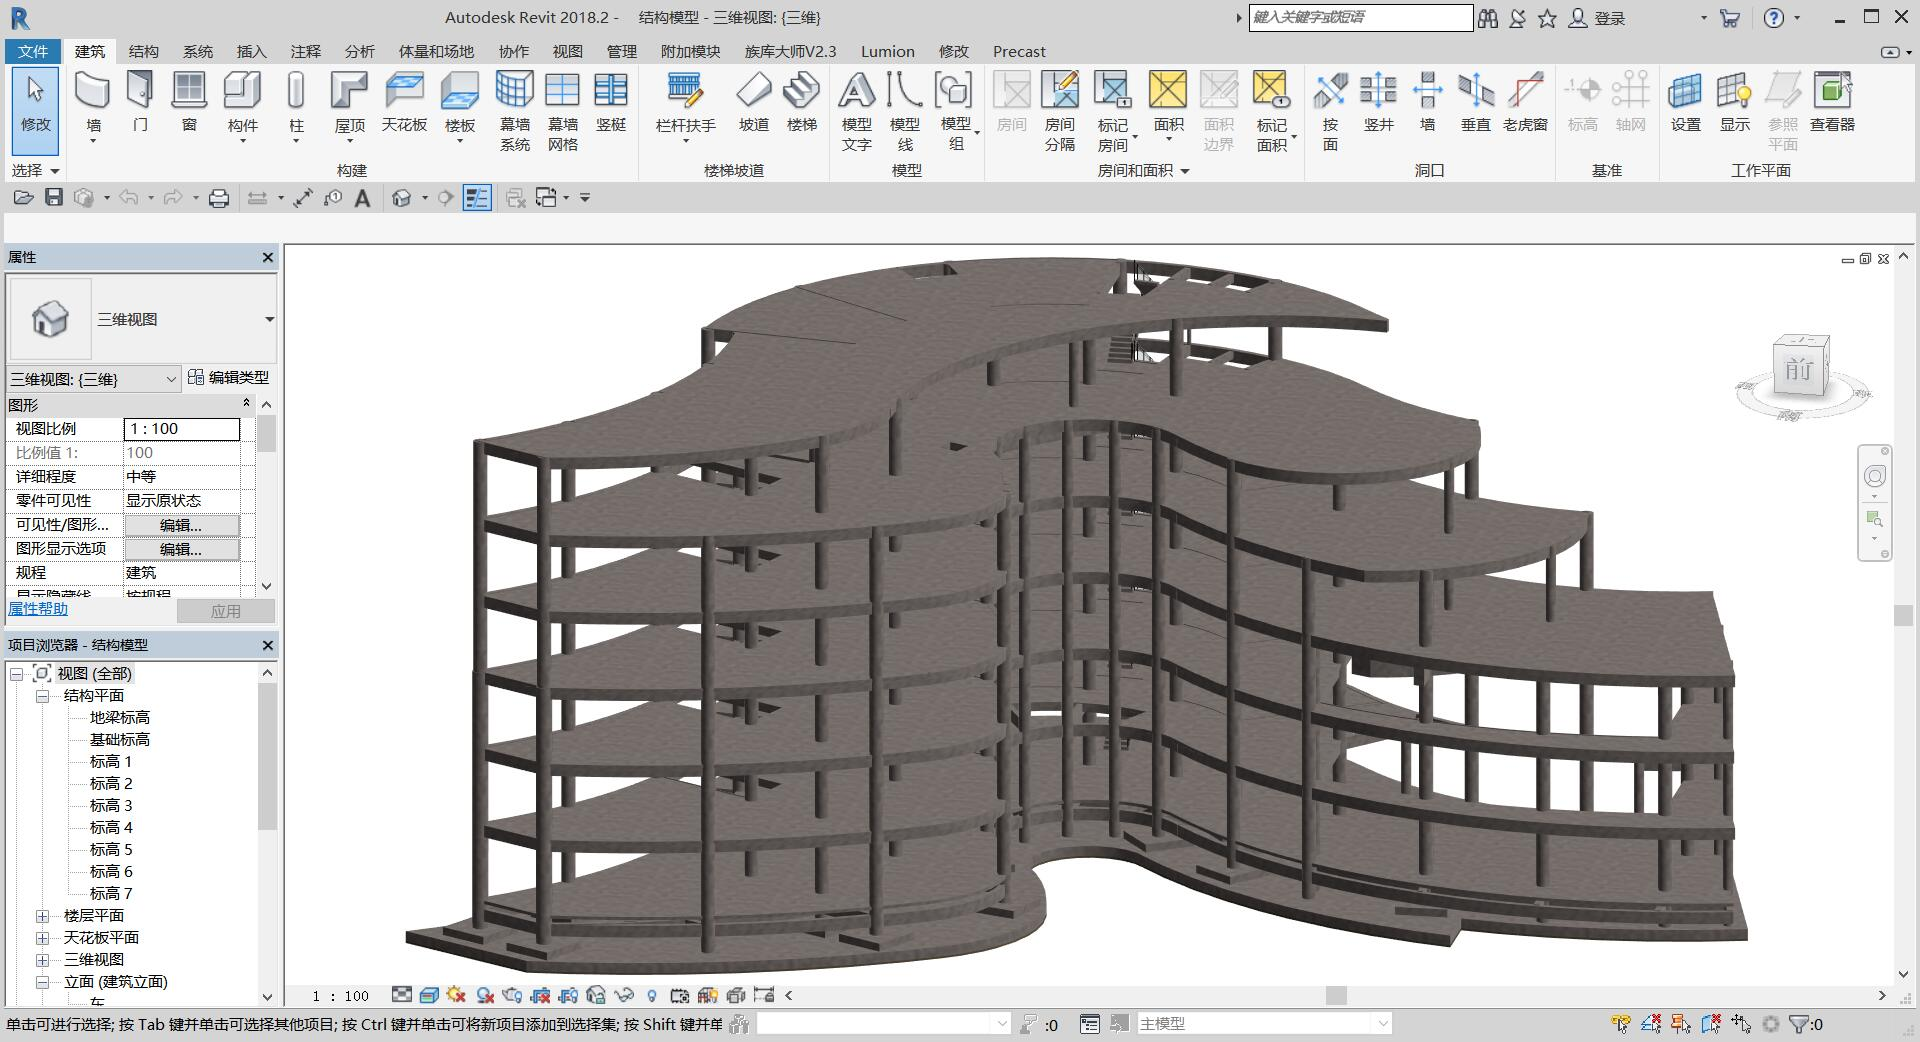 结构模型图片.jpg